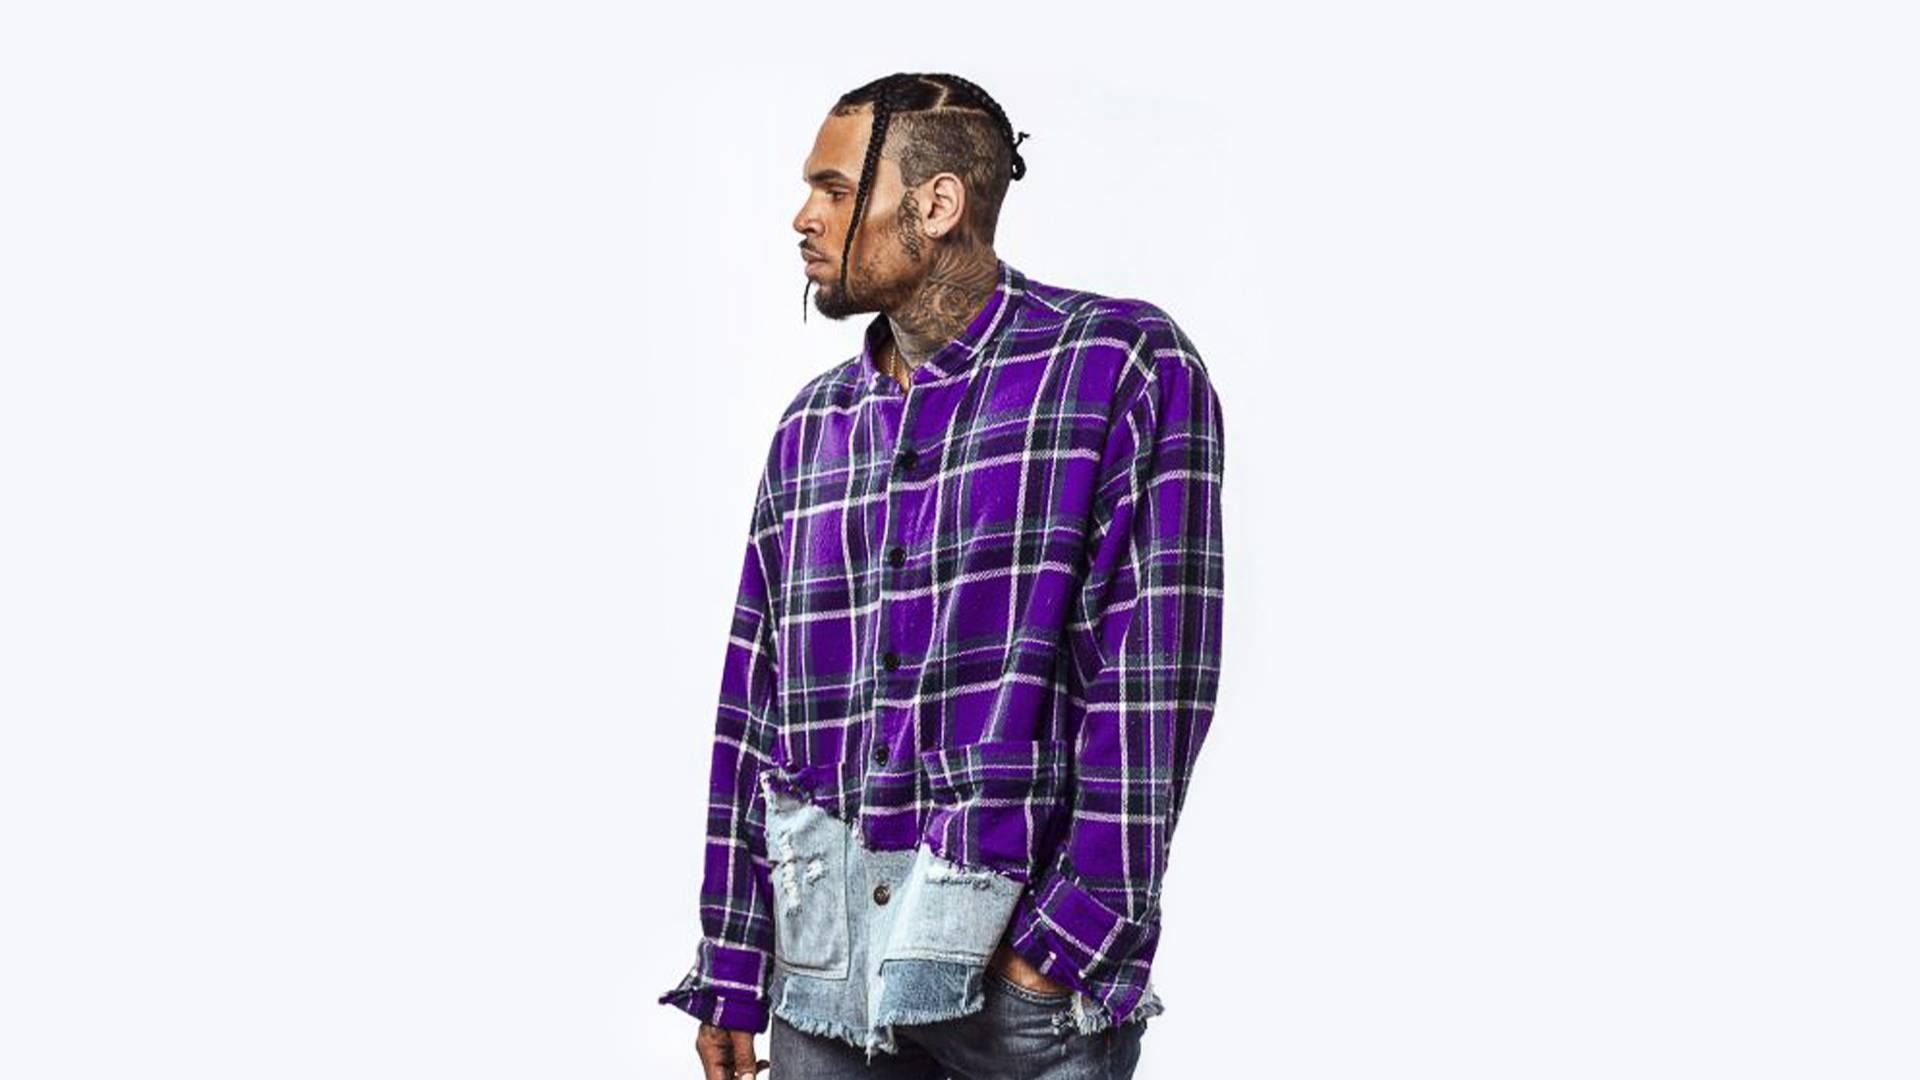 BETA 2021 | Winners Flipbook Chris Brown | 1920x1080